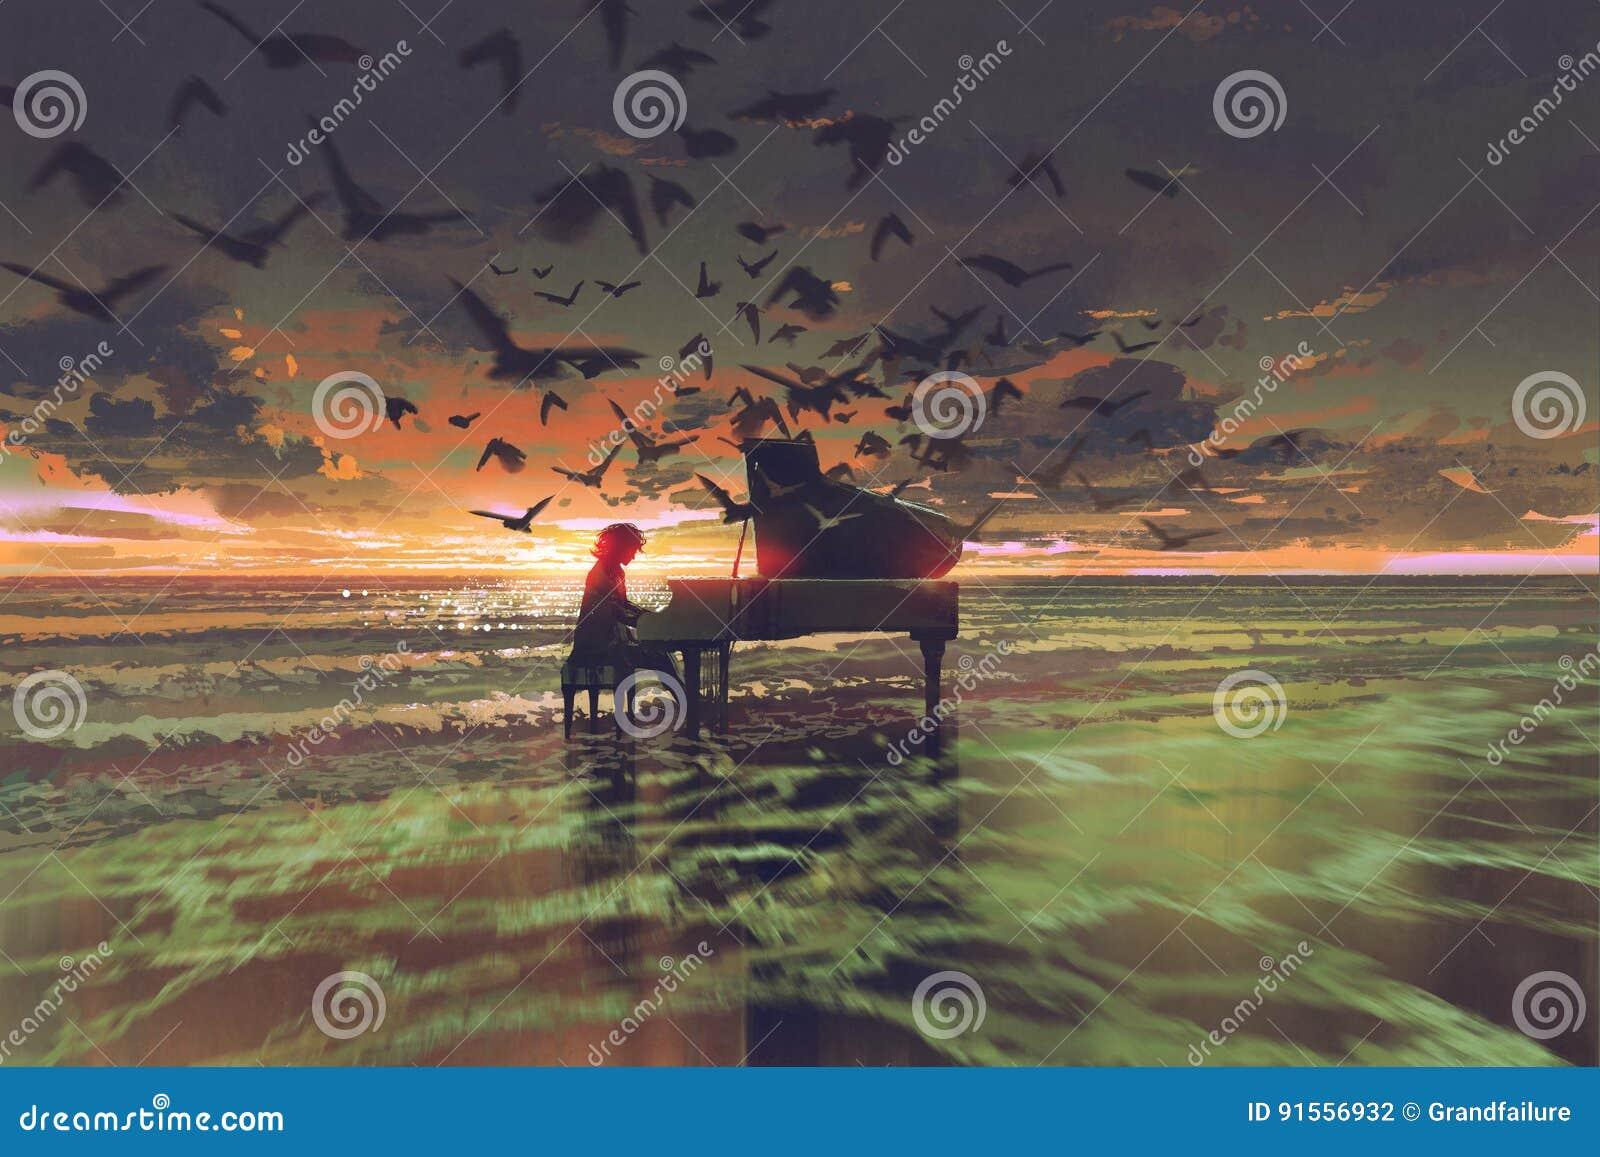 Человек играя рояль среди толпы птиц на пляже